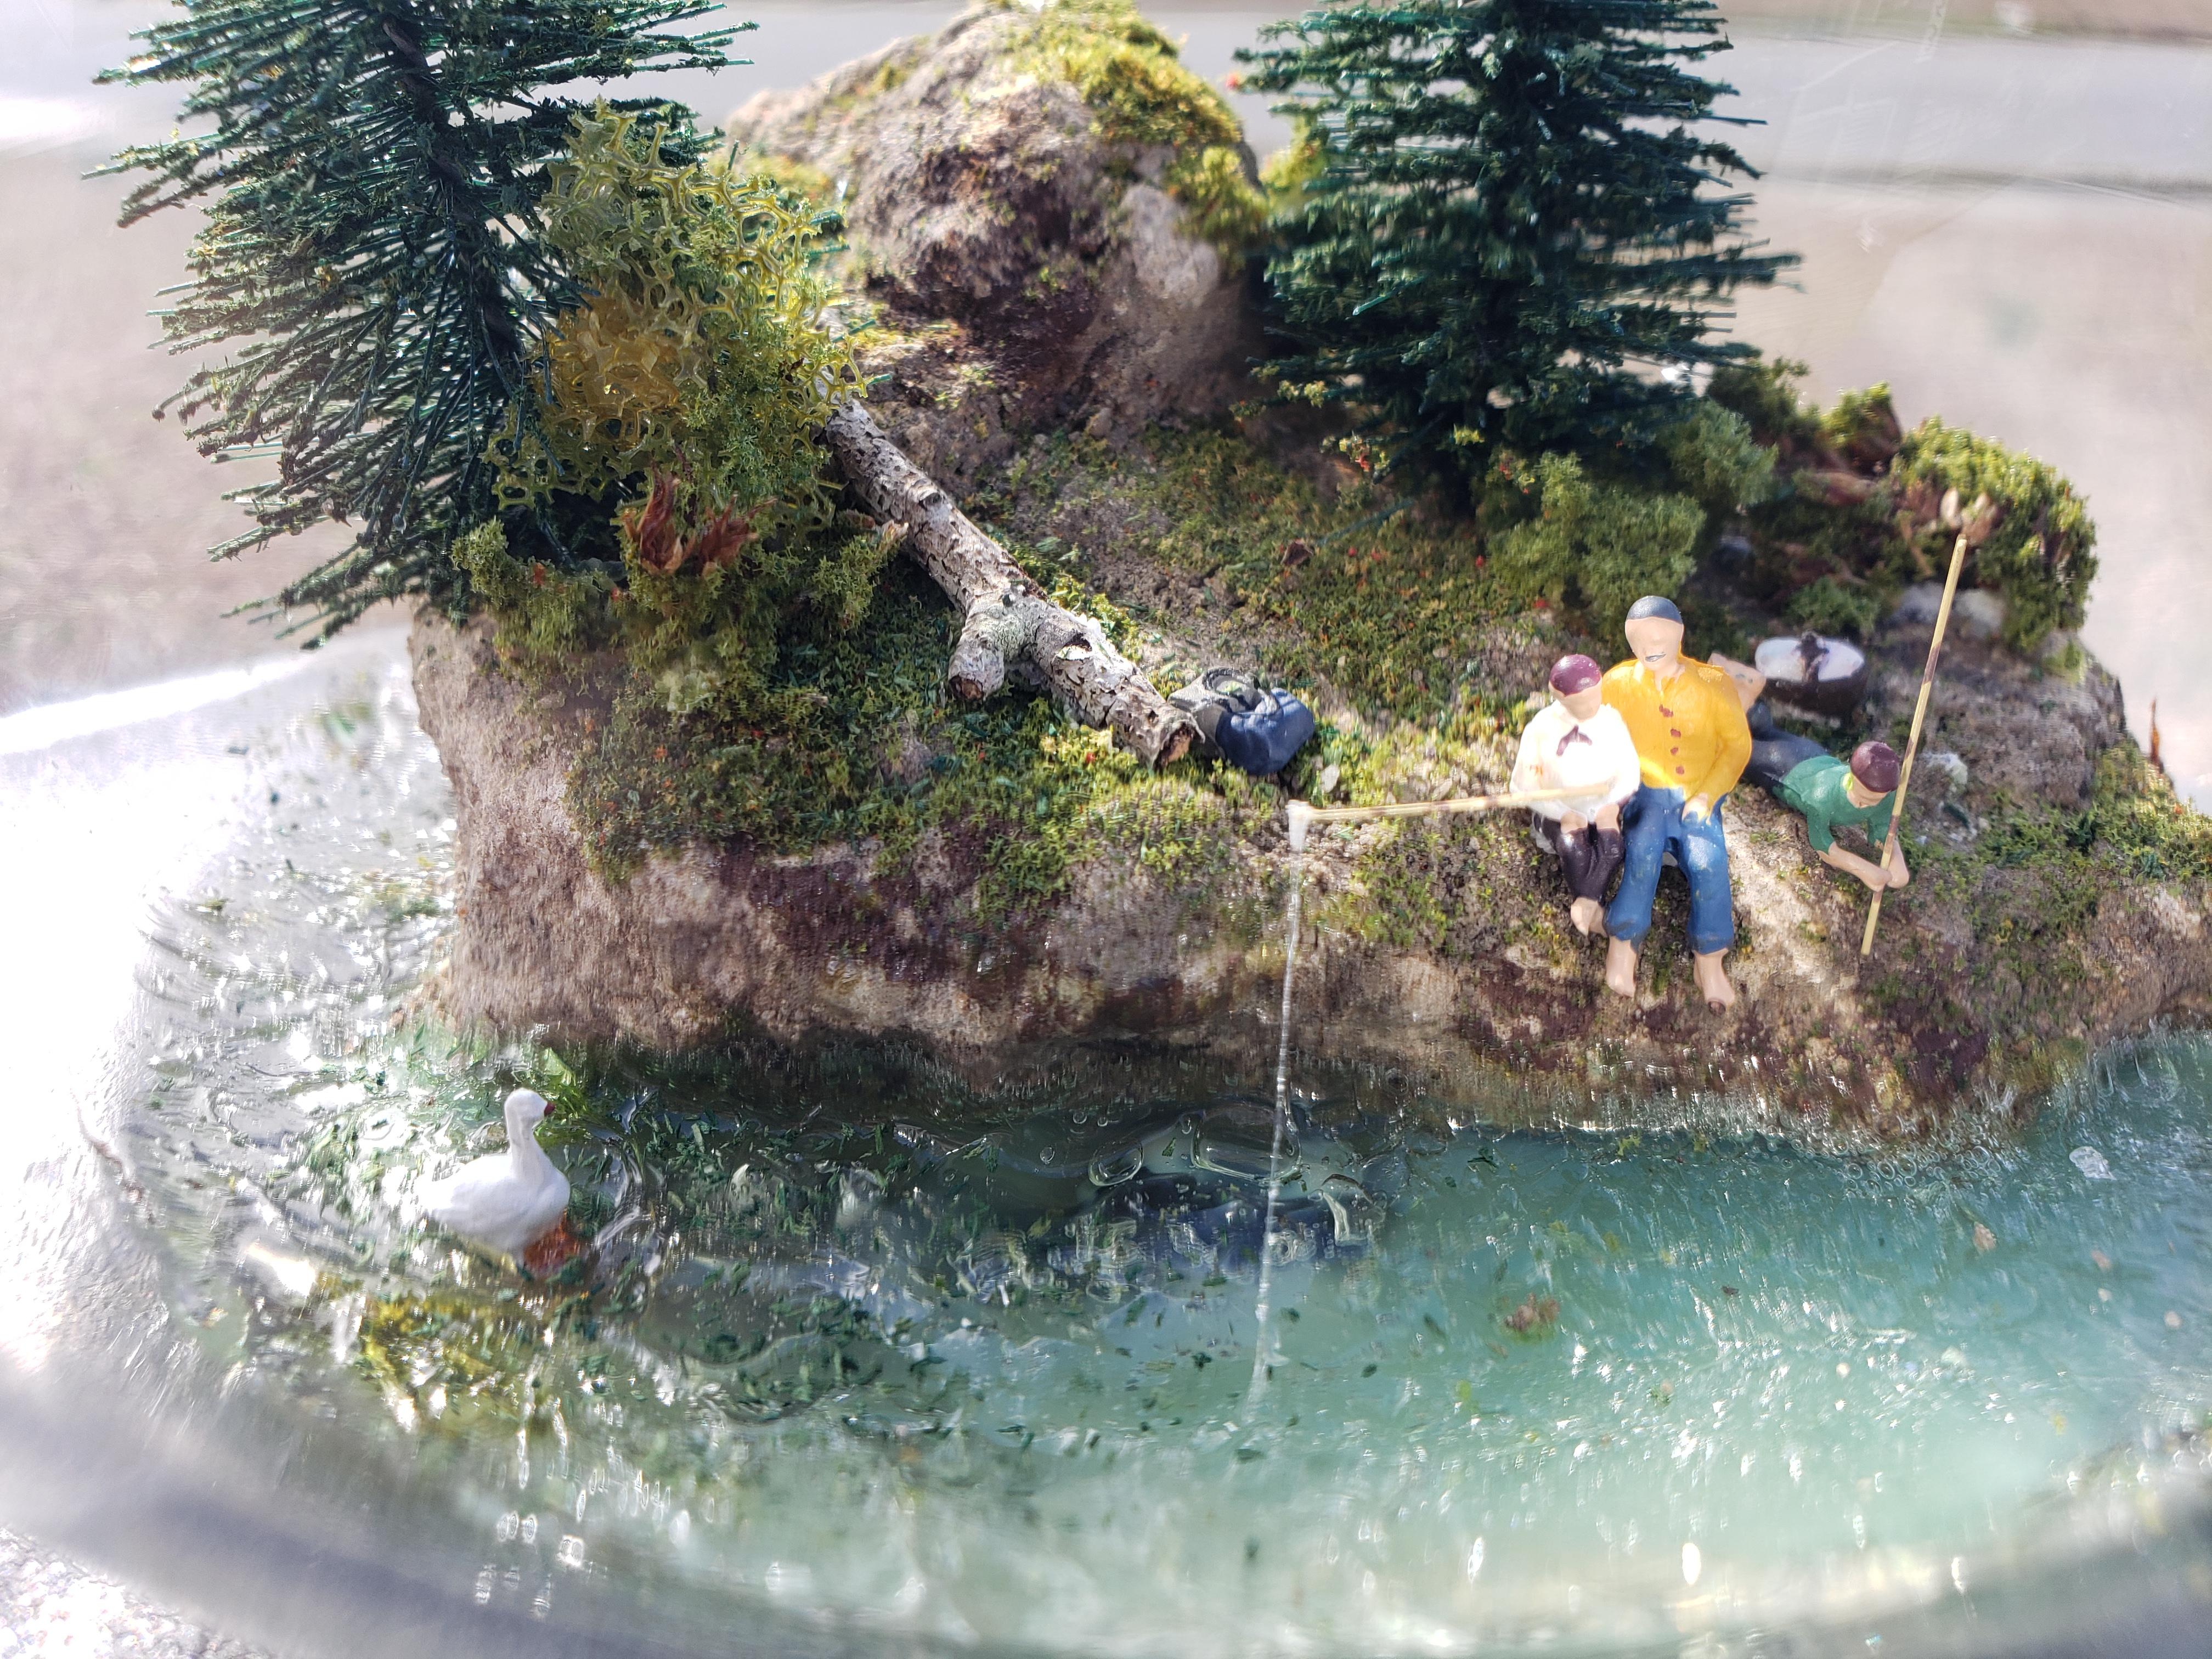 Miniature Scene In A Bowl